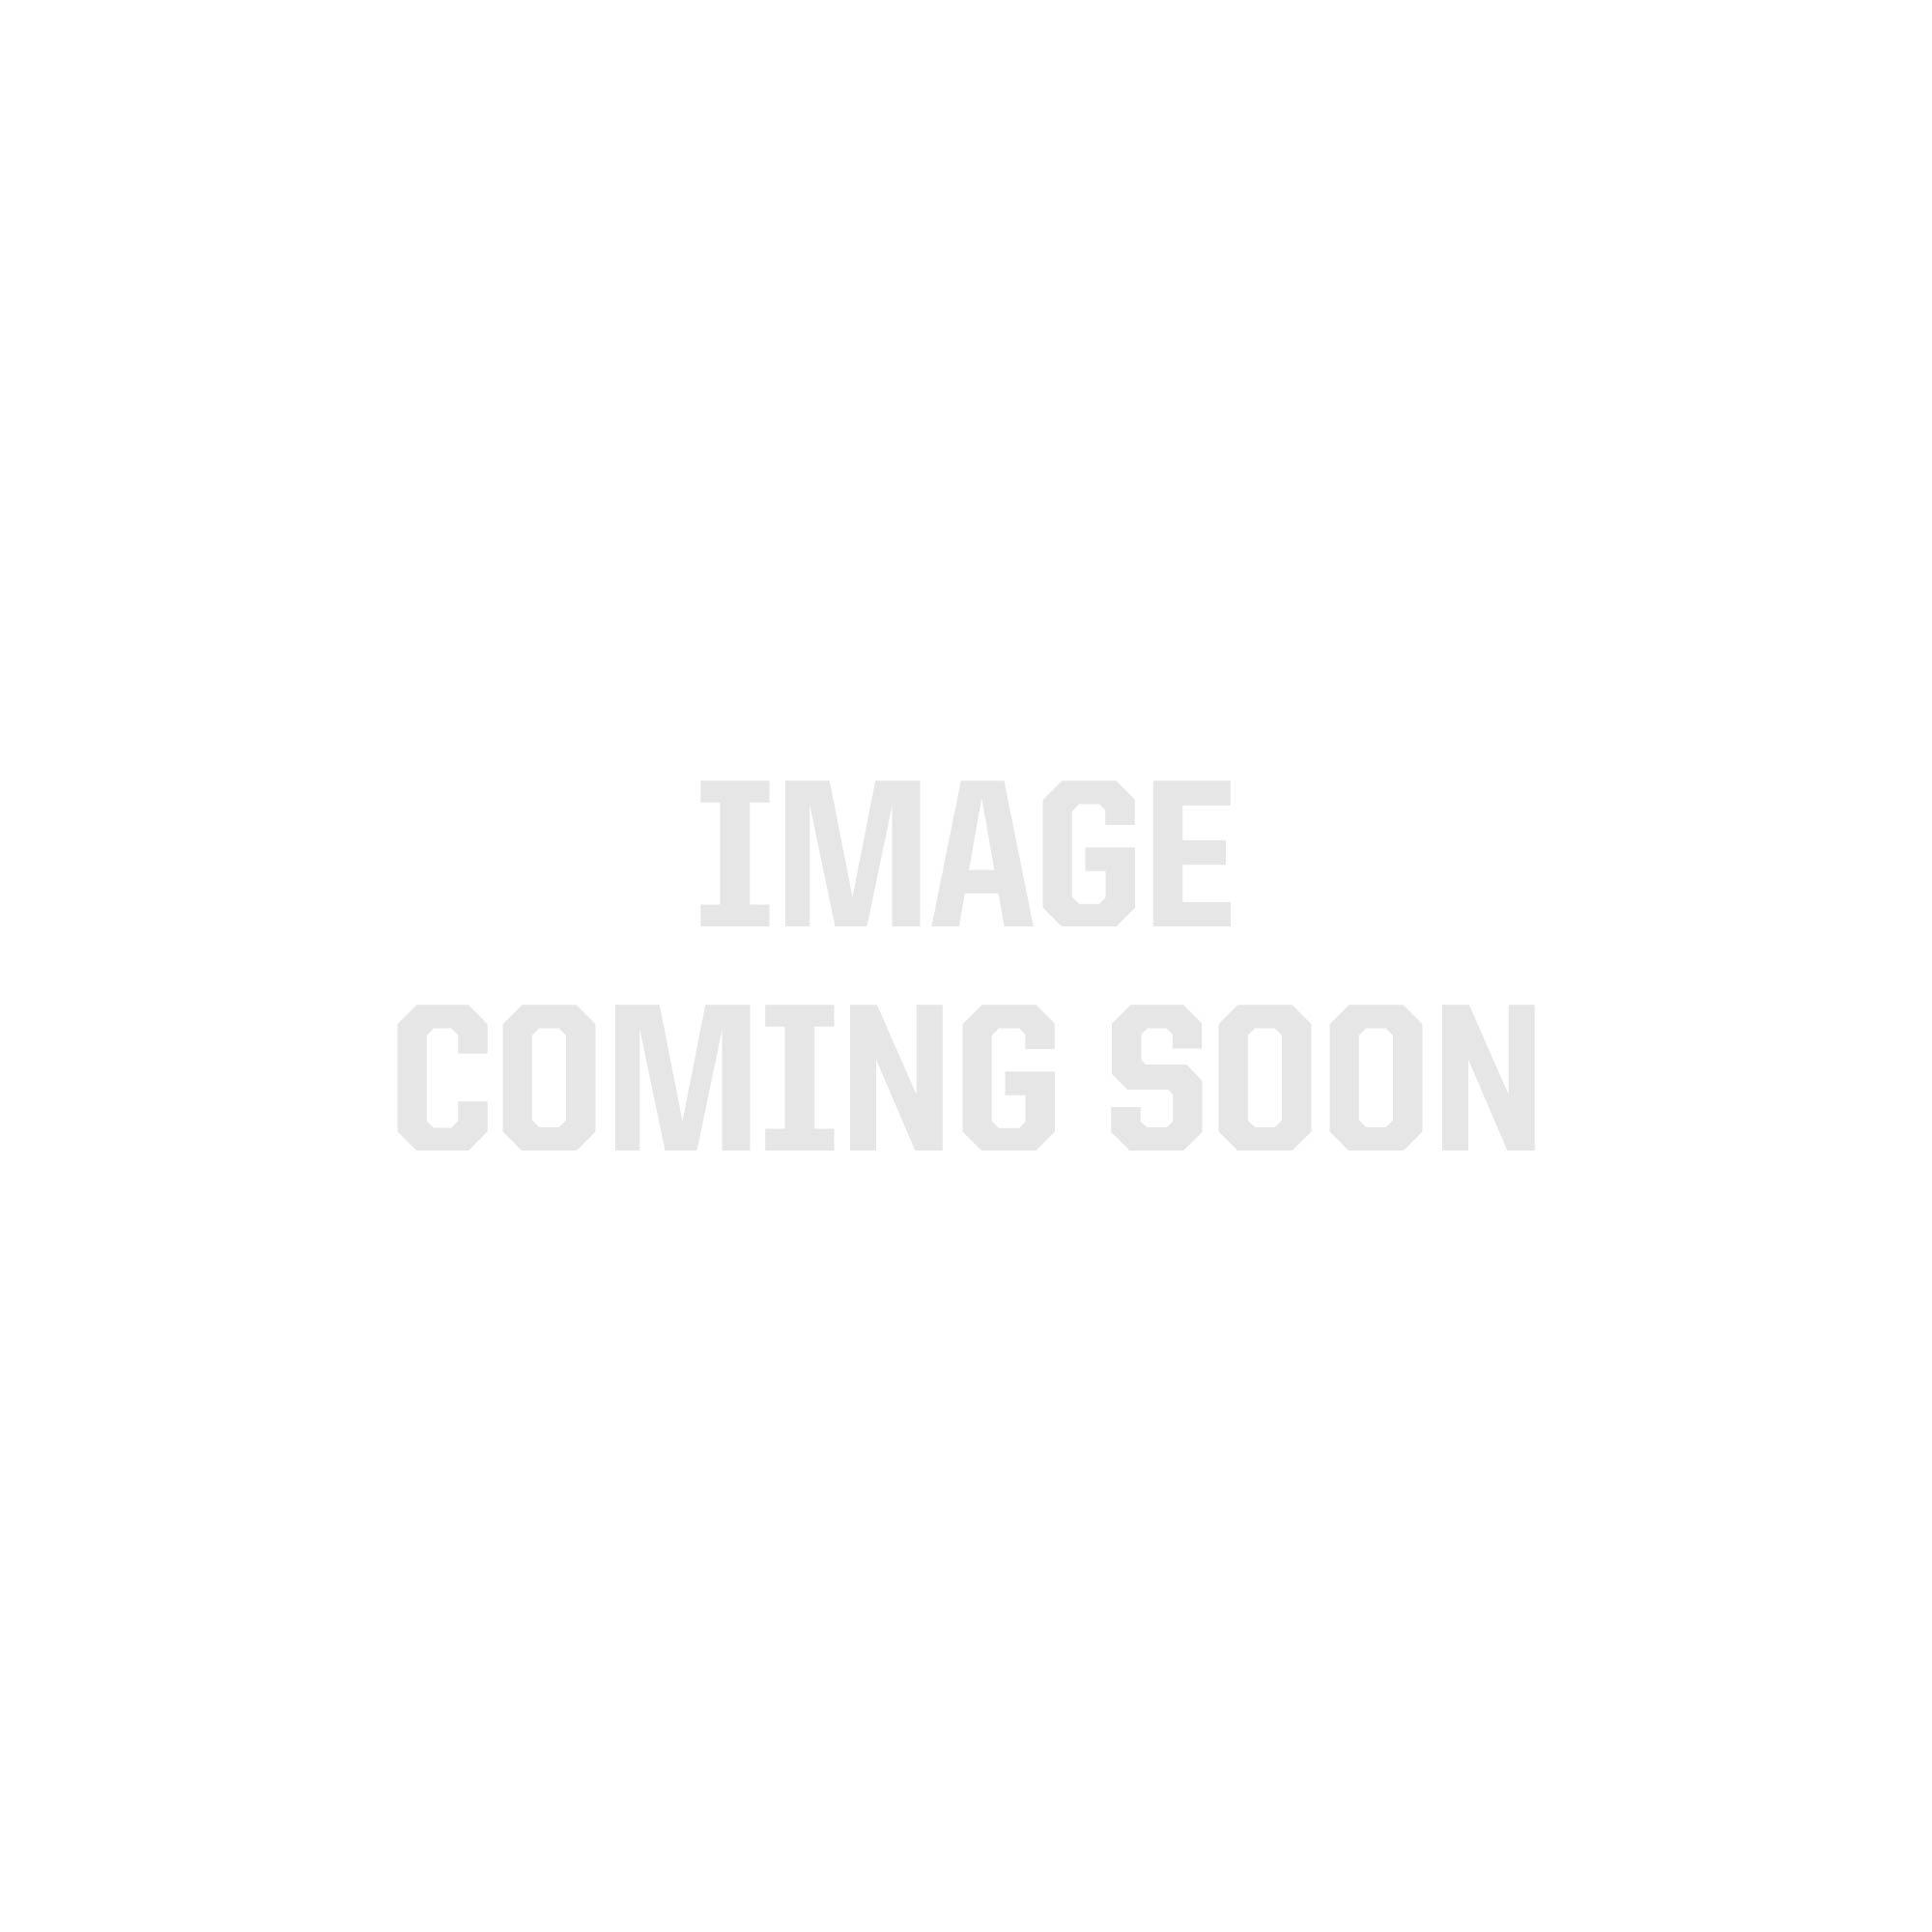 5.11 RECON® Triad Long Sleeve Top